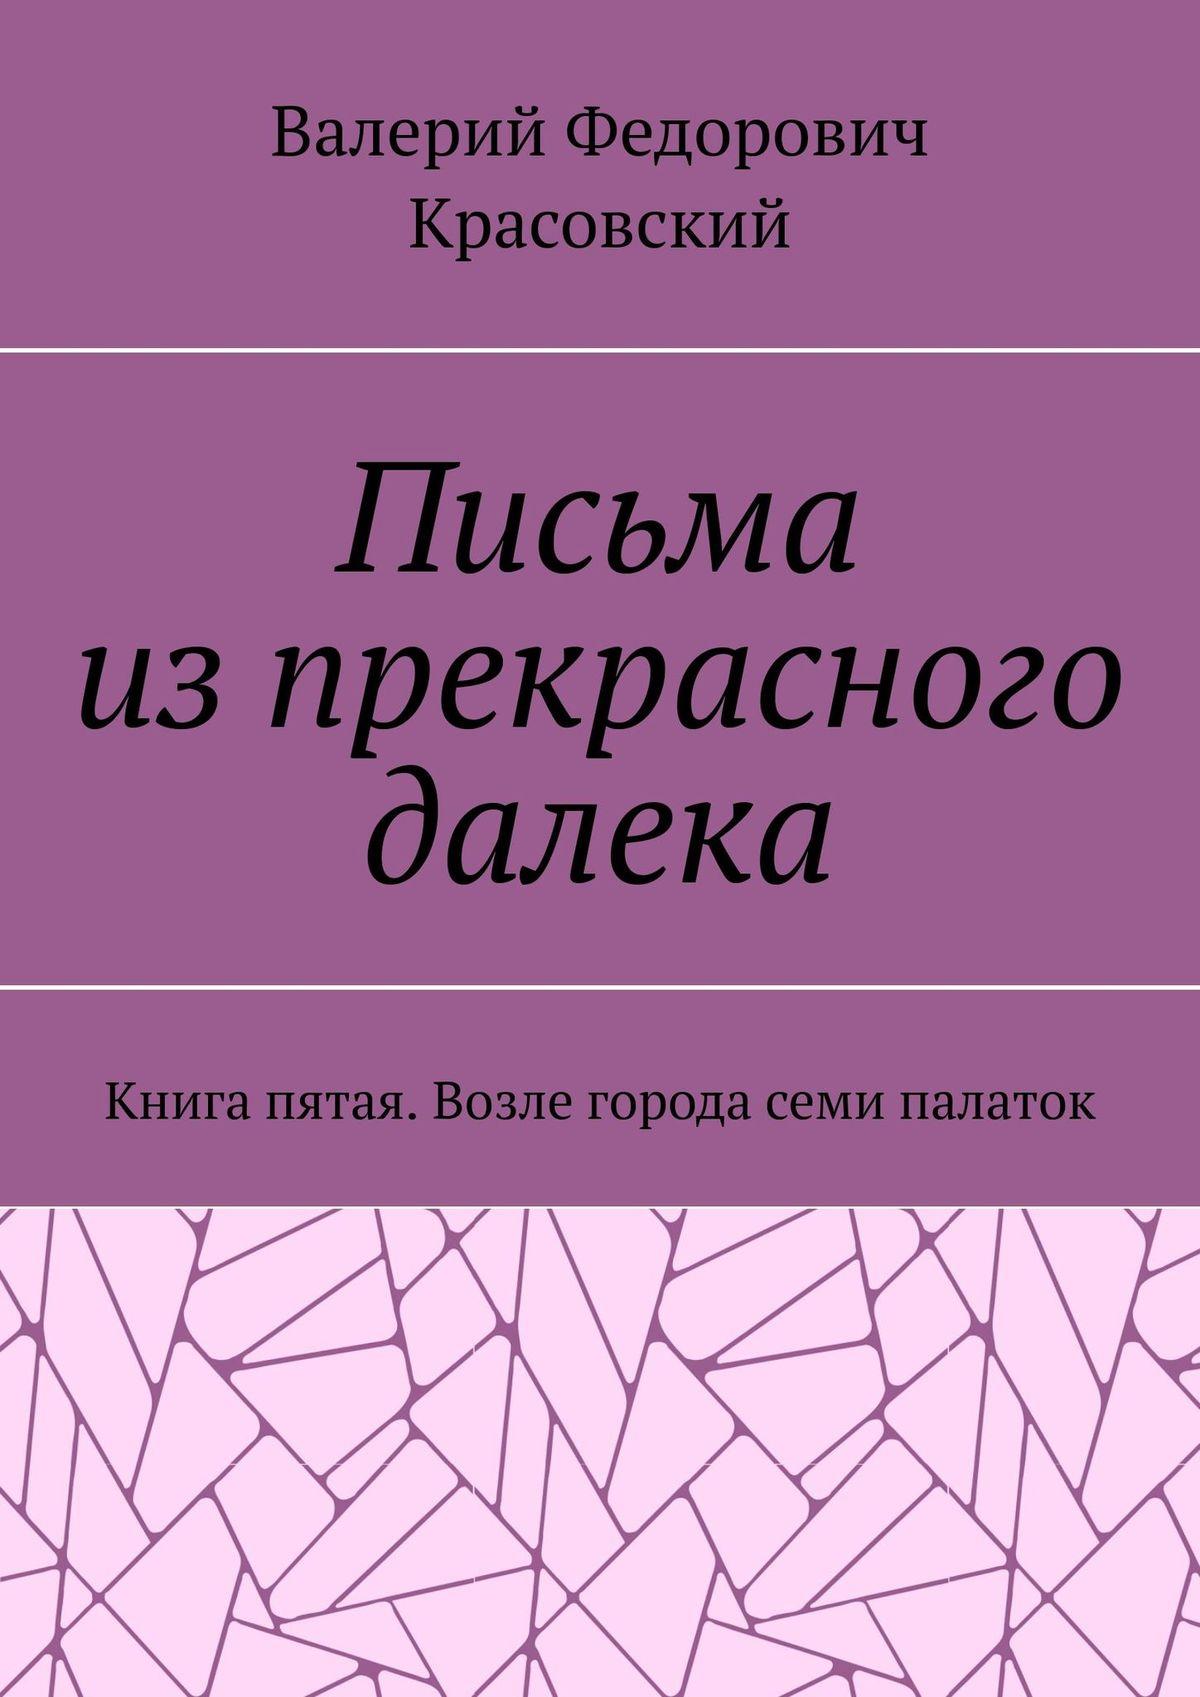 Валерий Федорович Красовский Письма изпрекрасного далека. Книга пятая. Возле города семи палаток